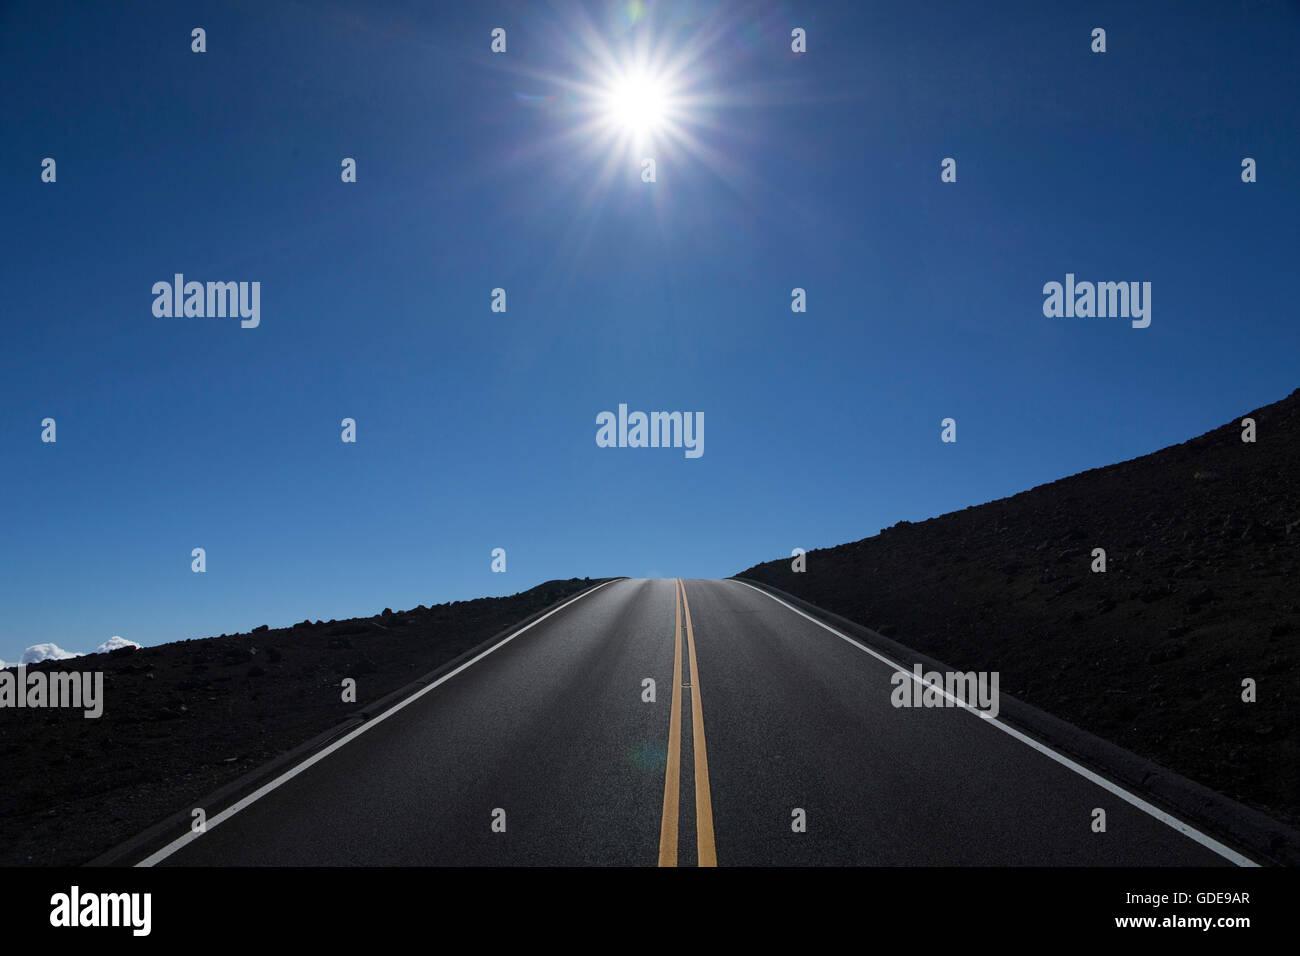 Maui, Straße, Sonne, gerade, Puu Beispieluhr, Haleakala, Krater, USA, Hawaii, Amerika, Volcanical, Lava, Stockbild